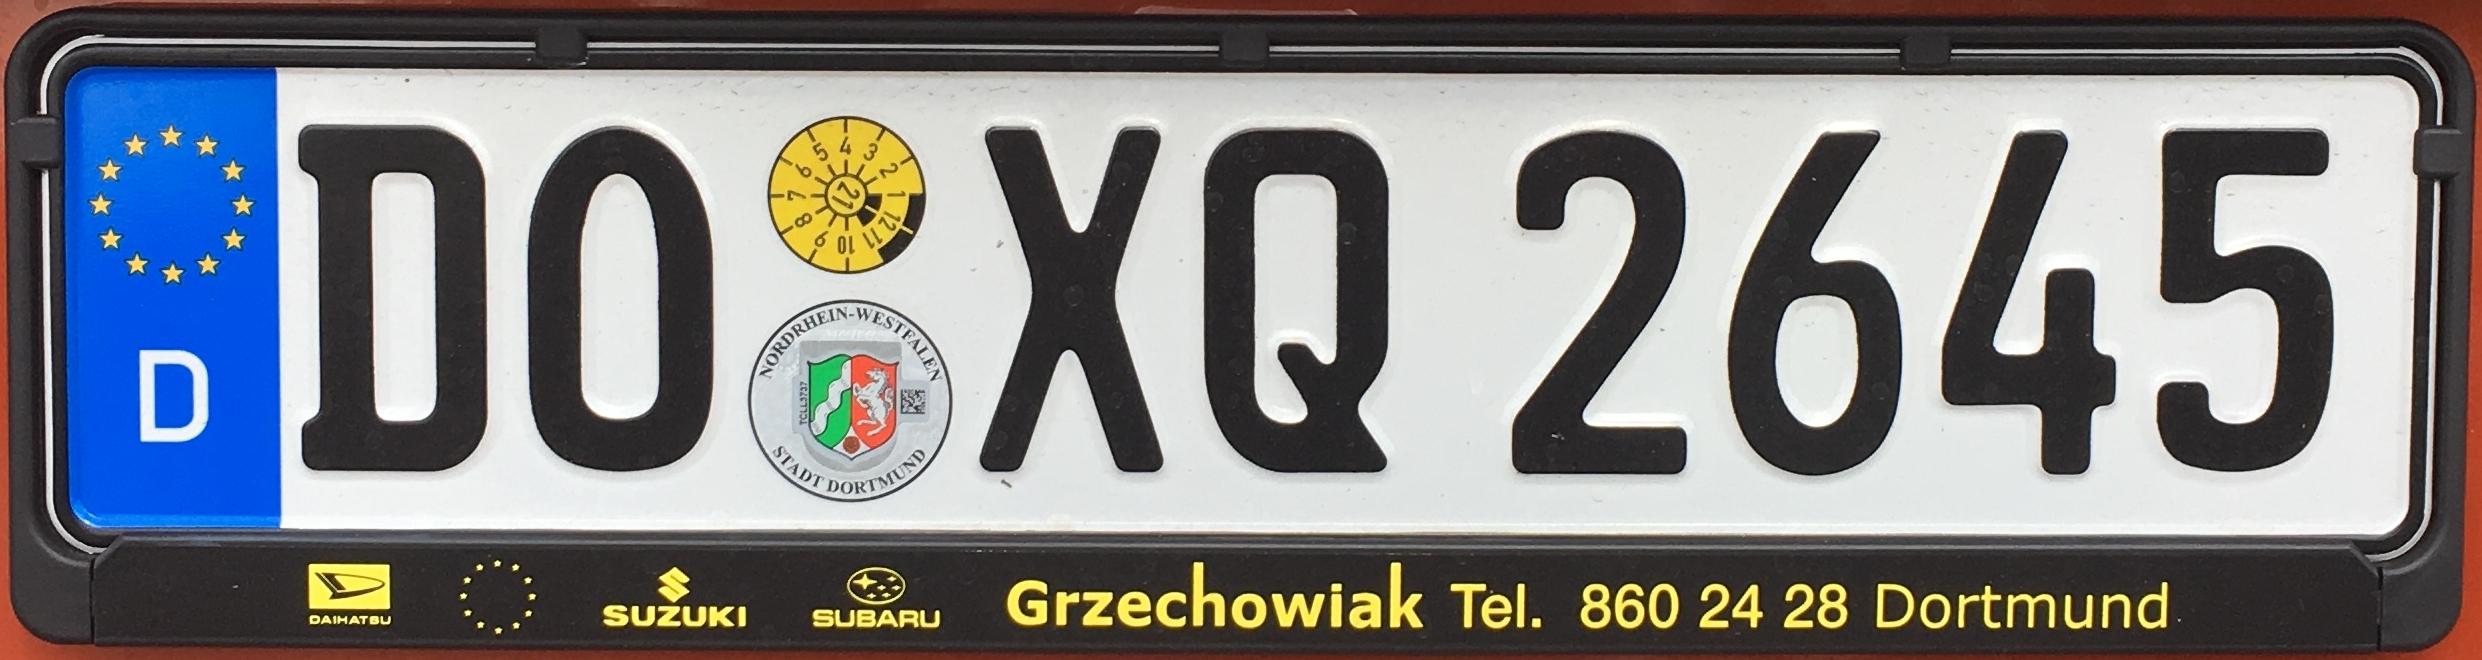 Registrační značka Německo – DO – město Dortmund, foto: www.podalnici.cz